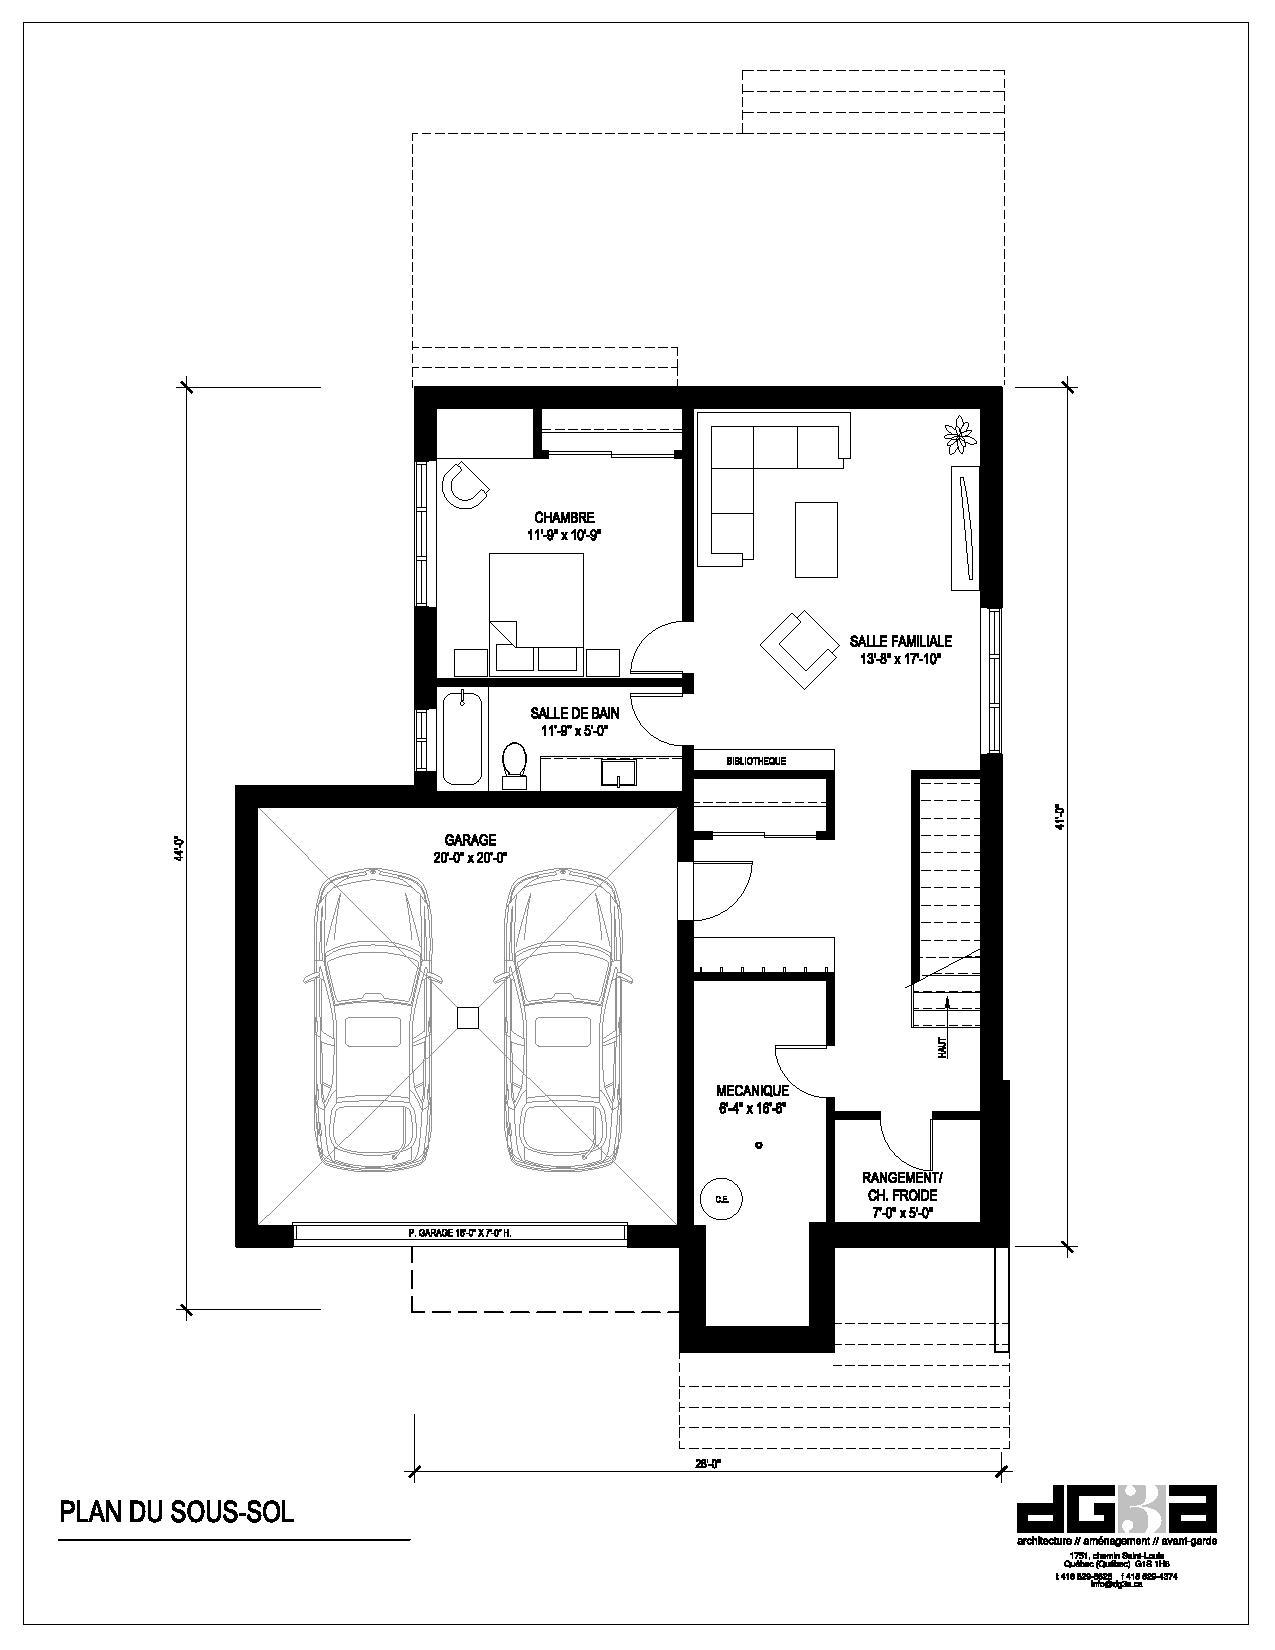 plan de vente sous sol page 001. Black Bedroom Furniture Sets. Home Design Ideas